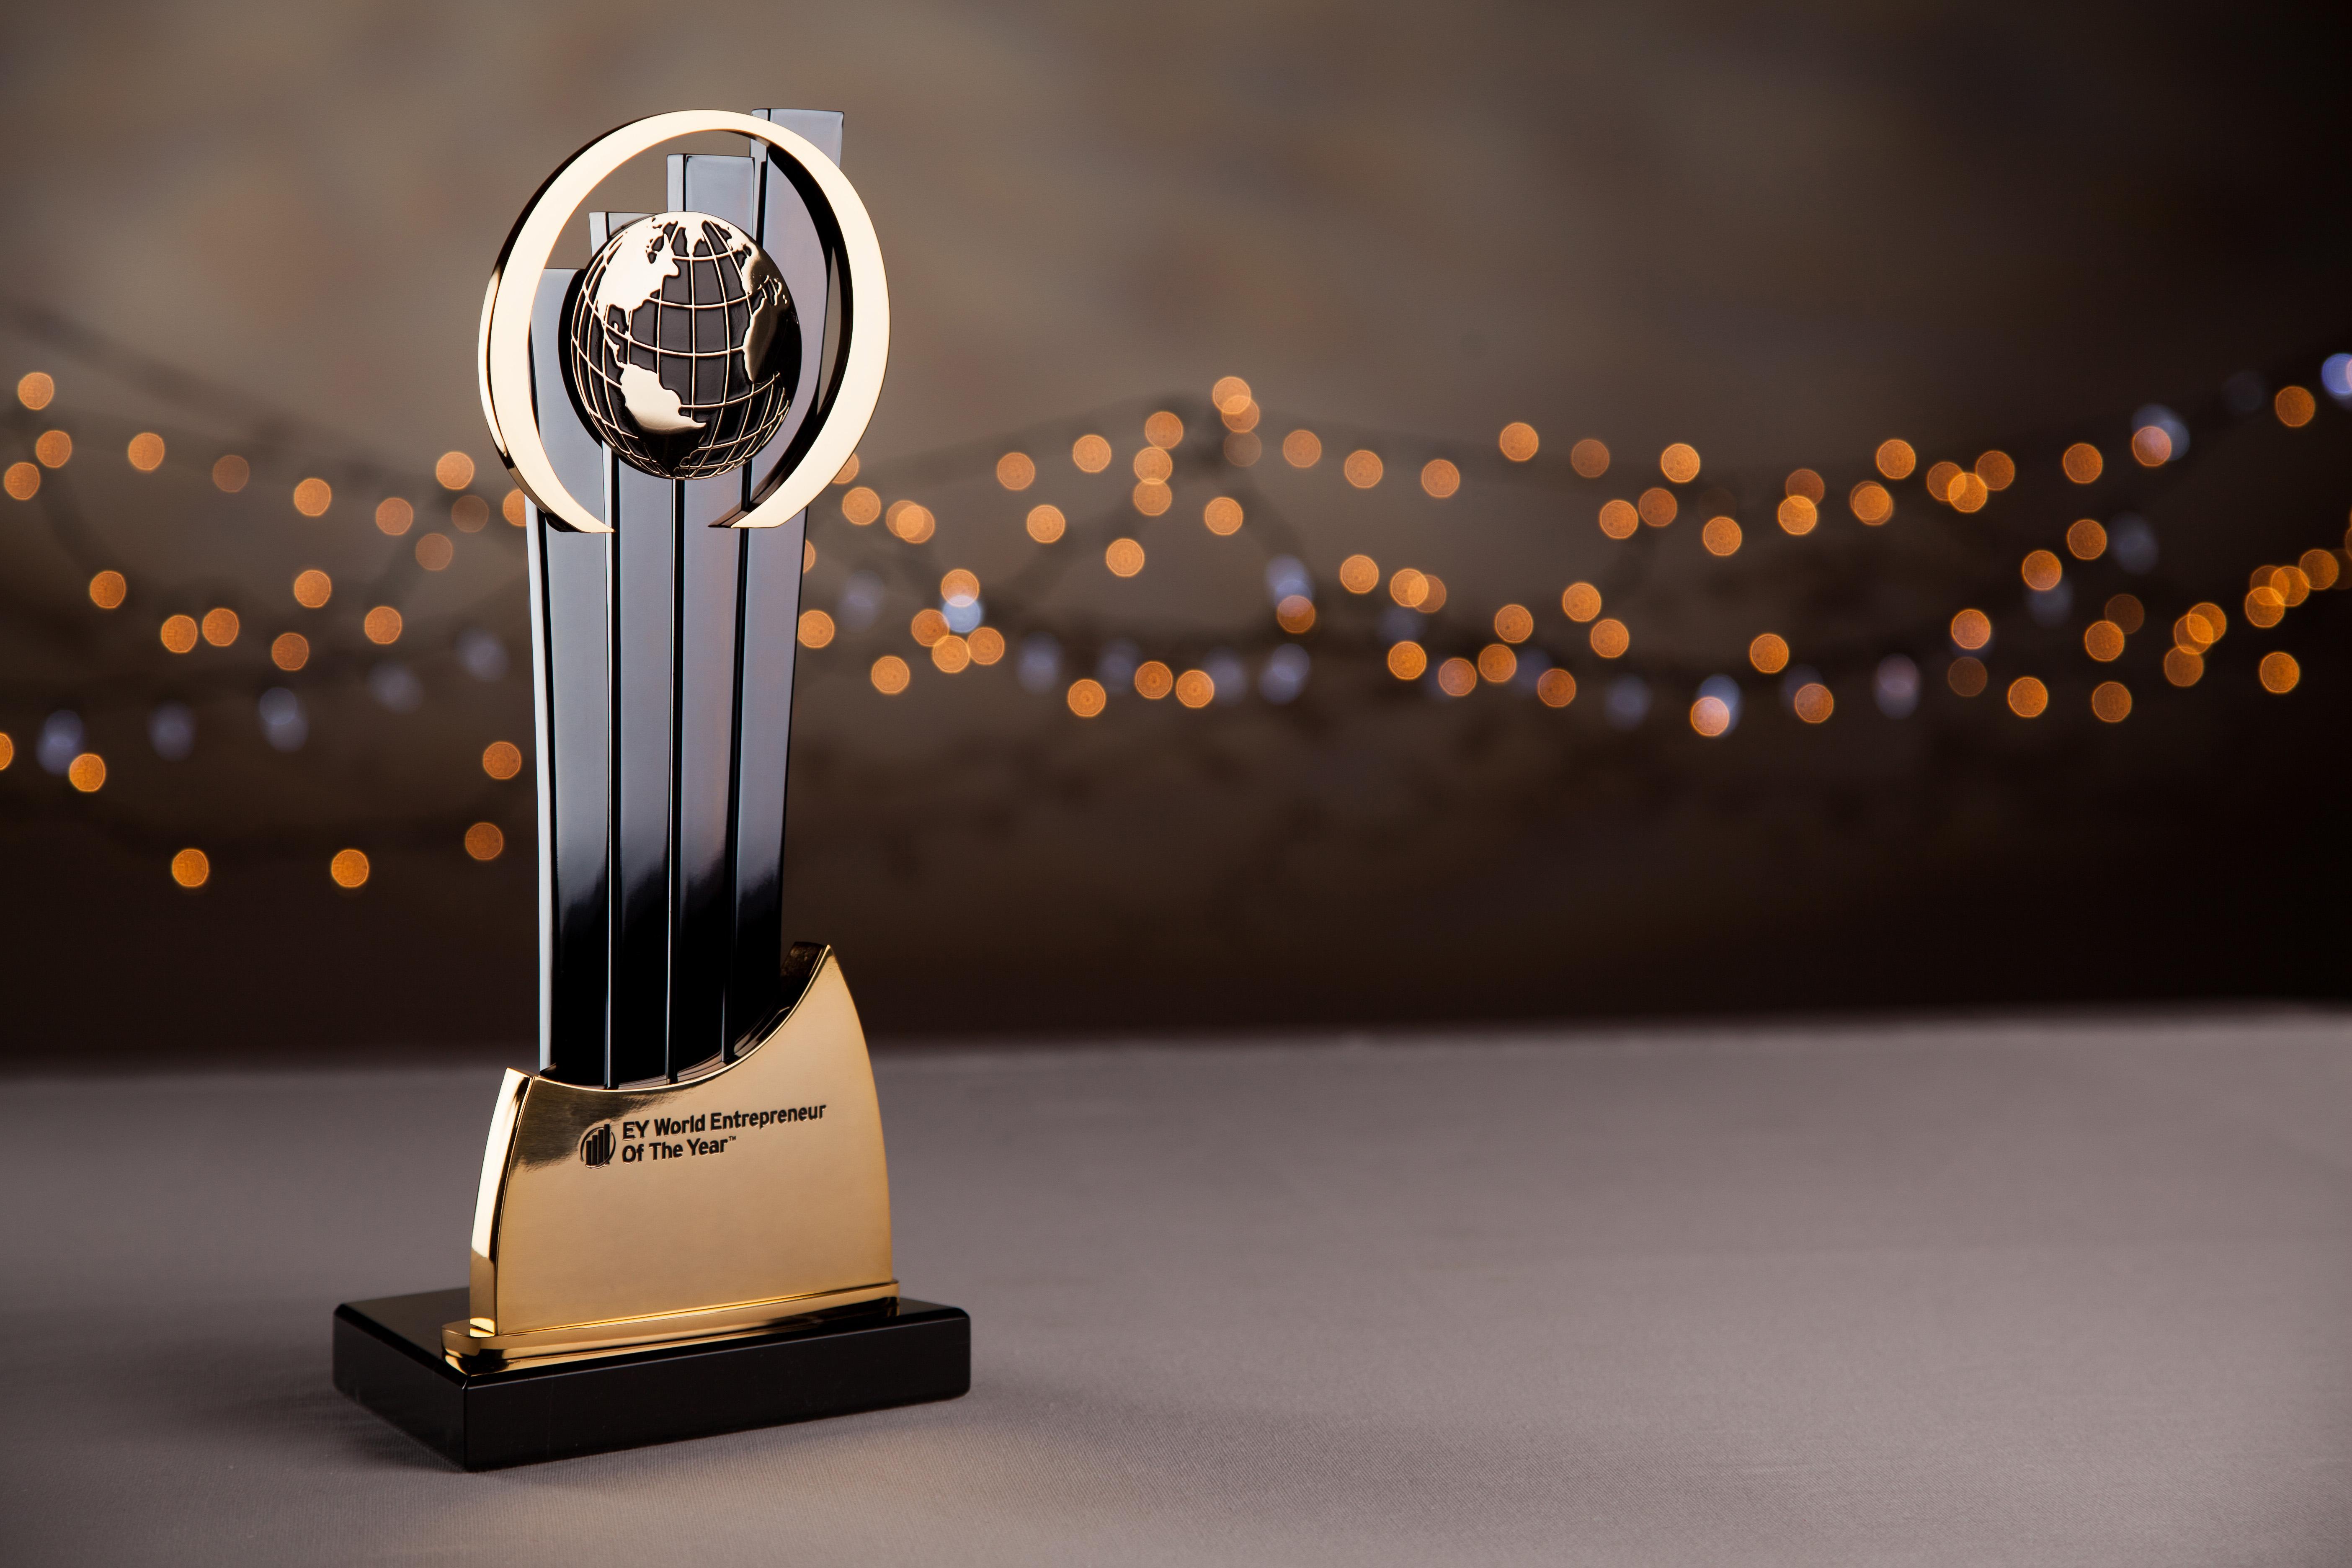 EY Azerbaijan приглашает предпринимателей участвовать в конкурсе «ПредпринимательГода'